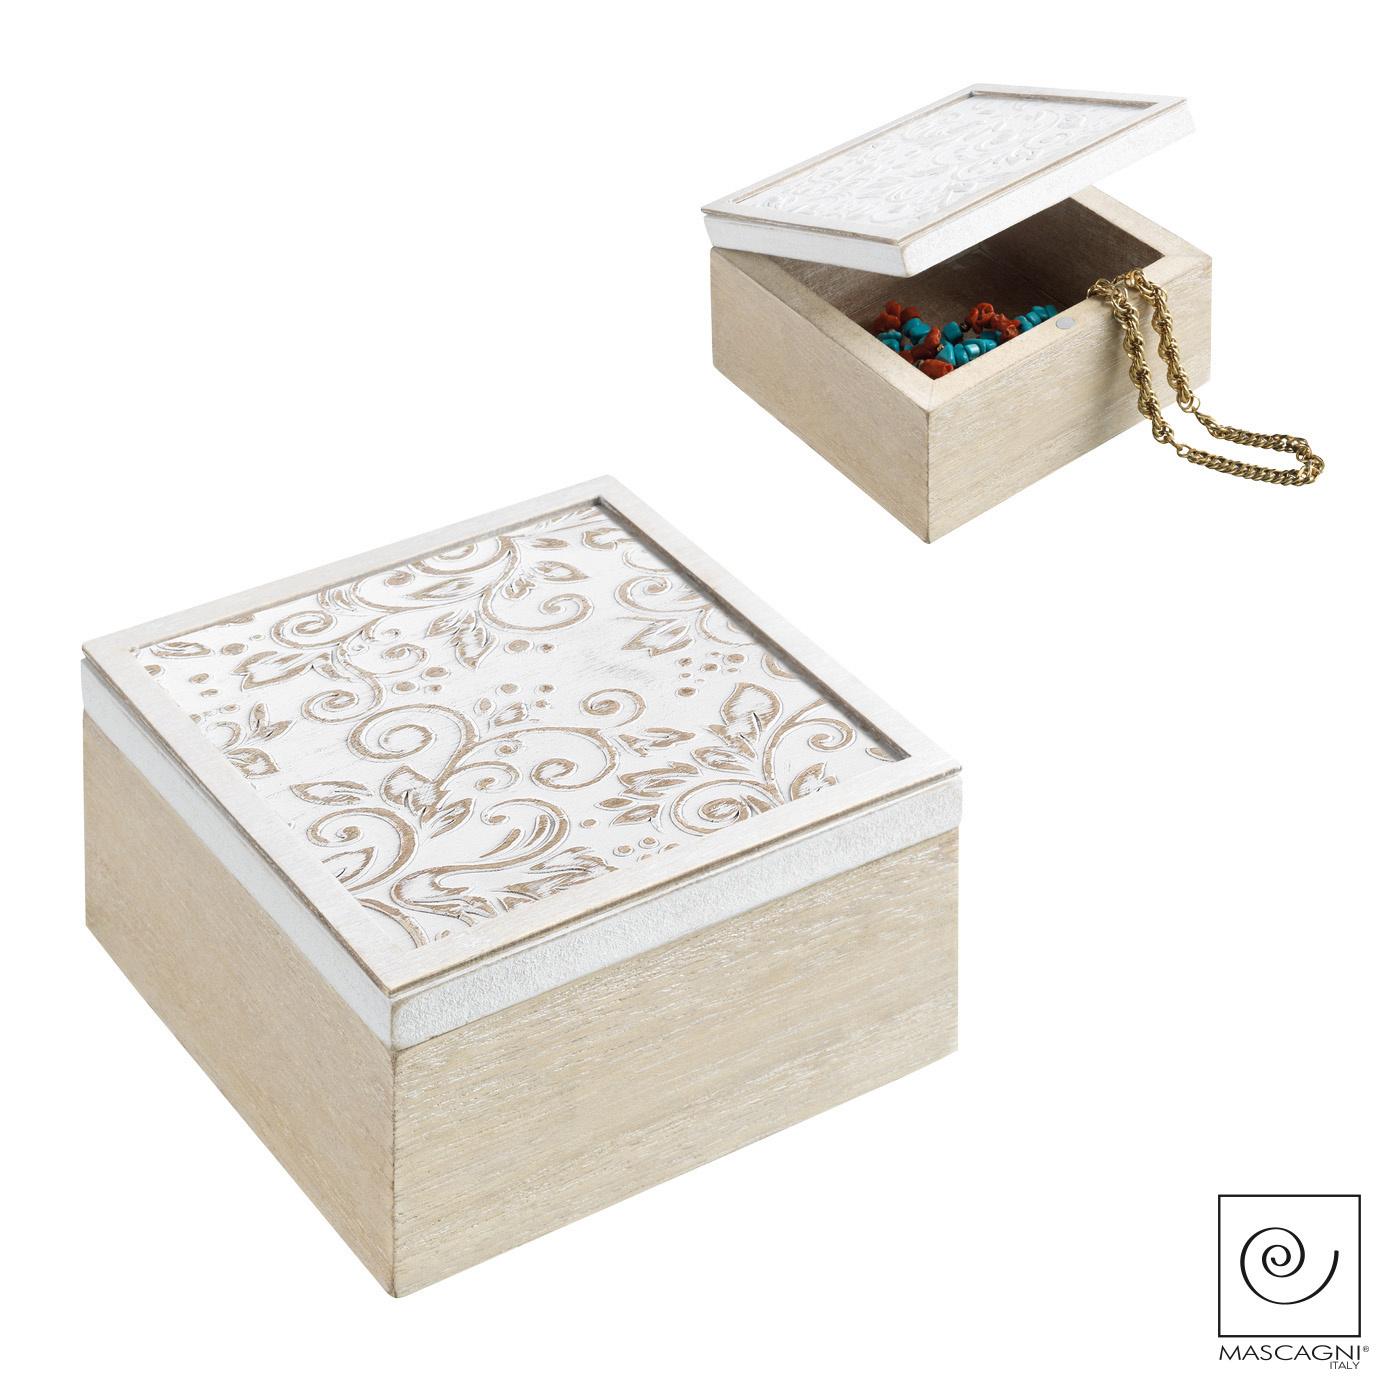 Art Mascagni JASMINE3 JEWEL BOX